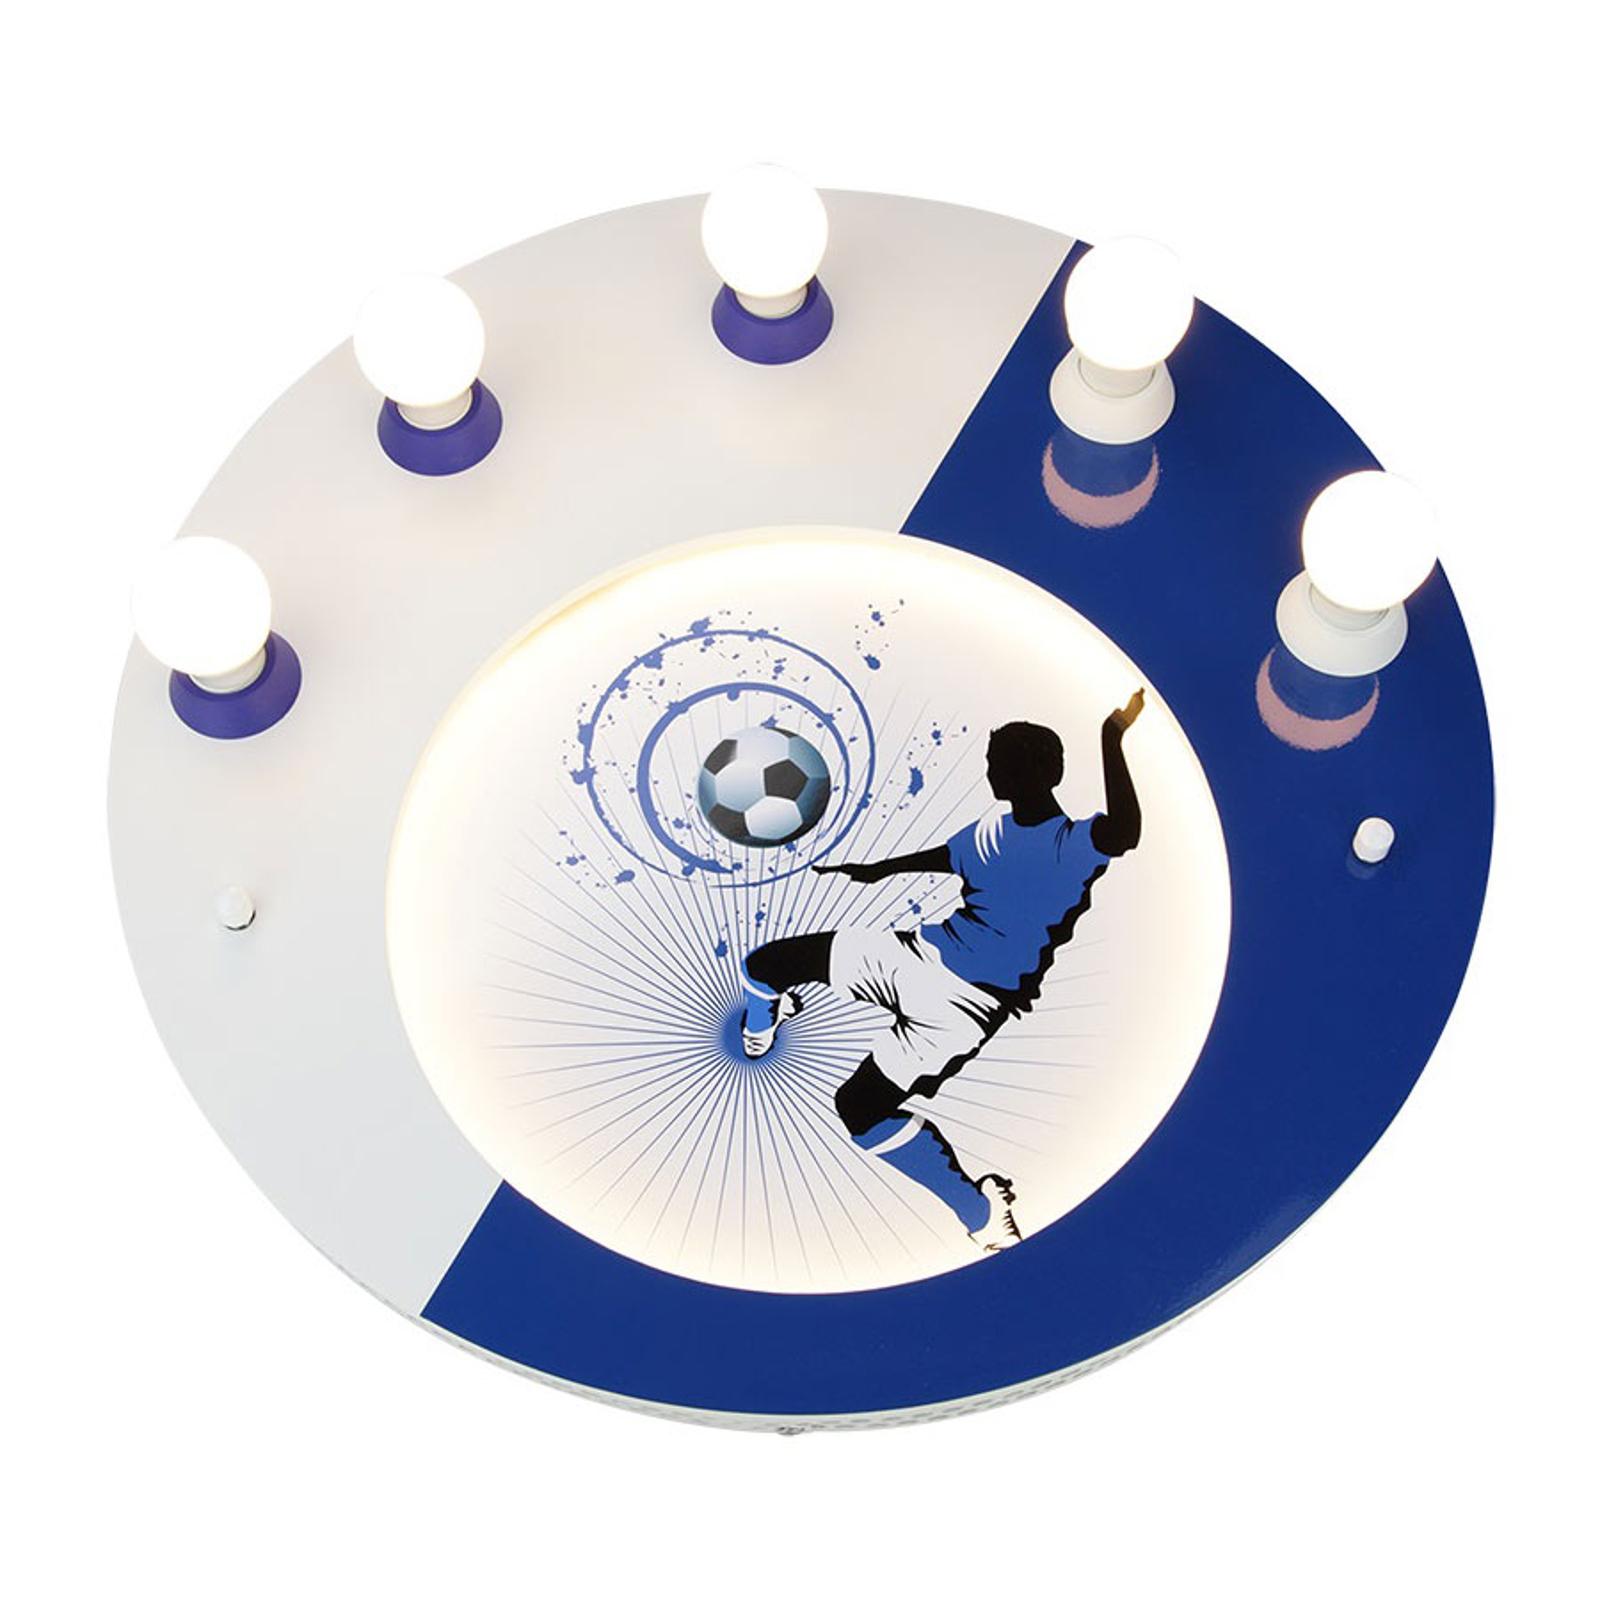 Lampa sufitowa Soccer, 5-punktowa, niebiesko-biała